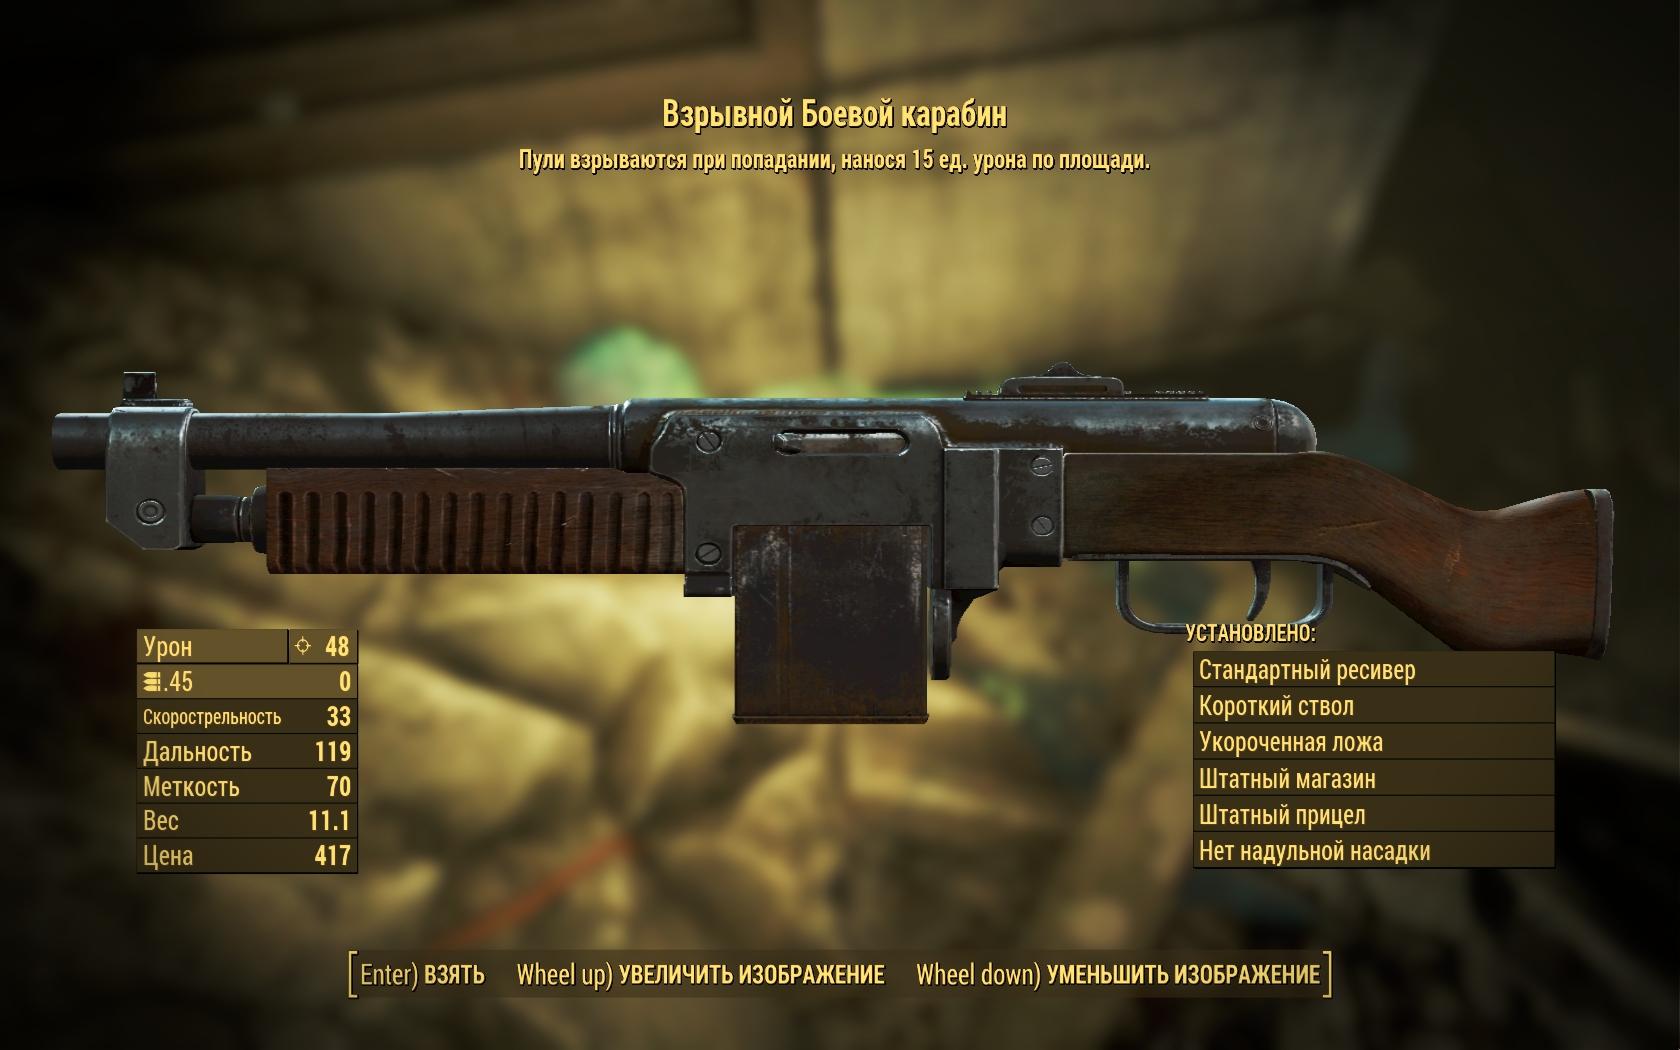 Взрывной боевой карабин - Fallout 4 карабин, Оружие